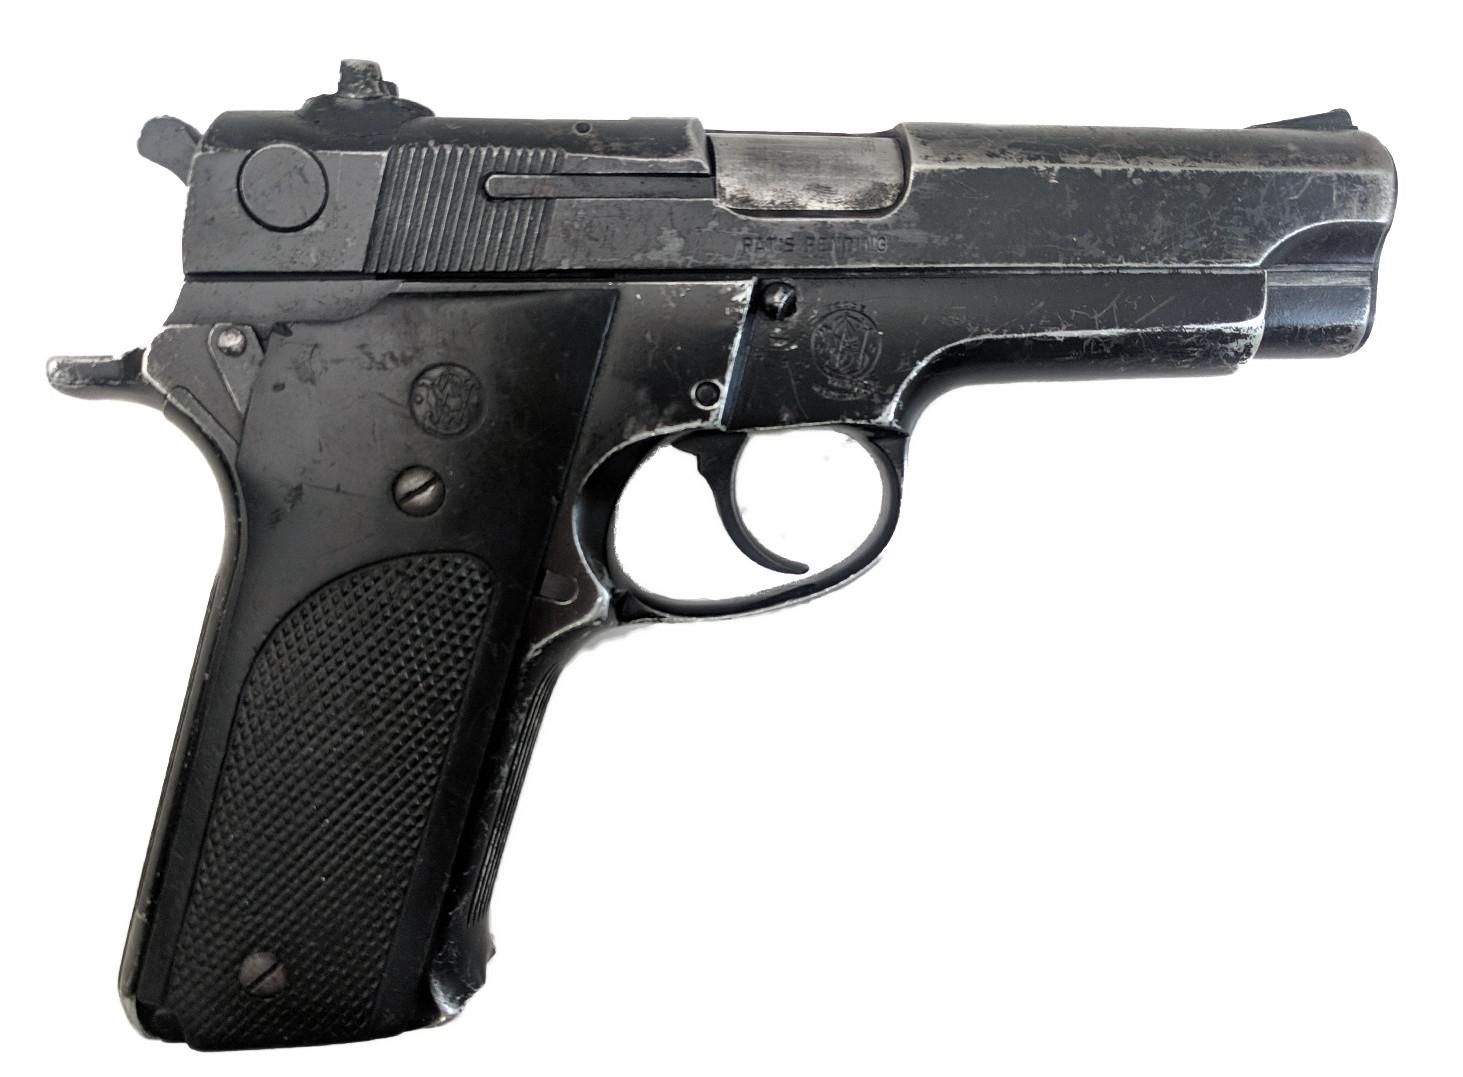 Smith & Wesson 59, 9mm, No Magazine, *Fair*